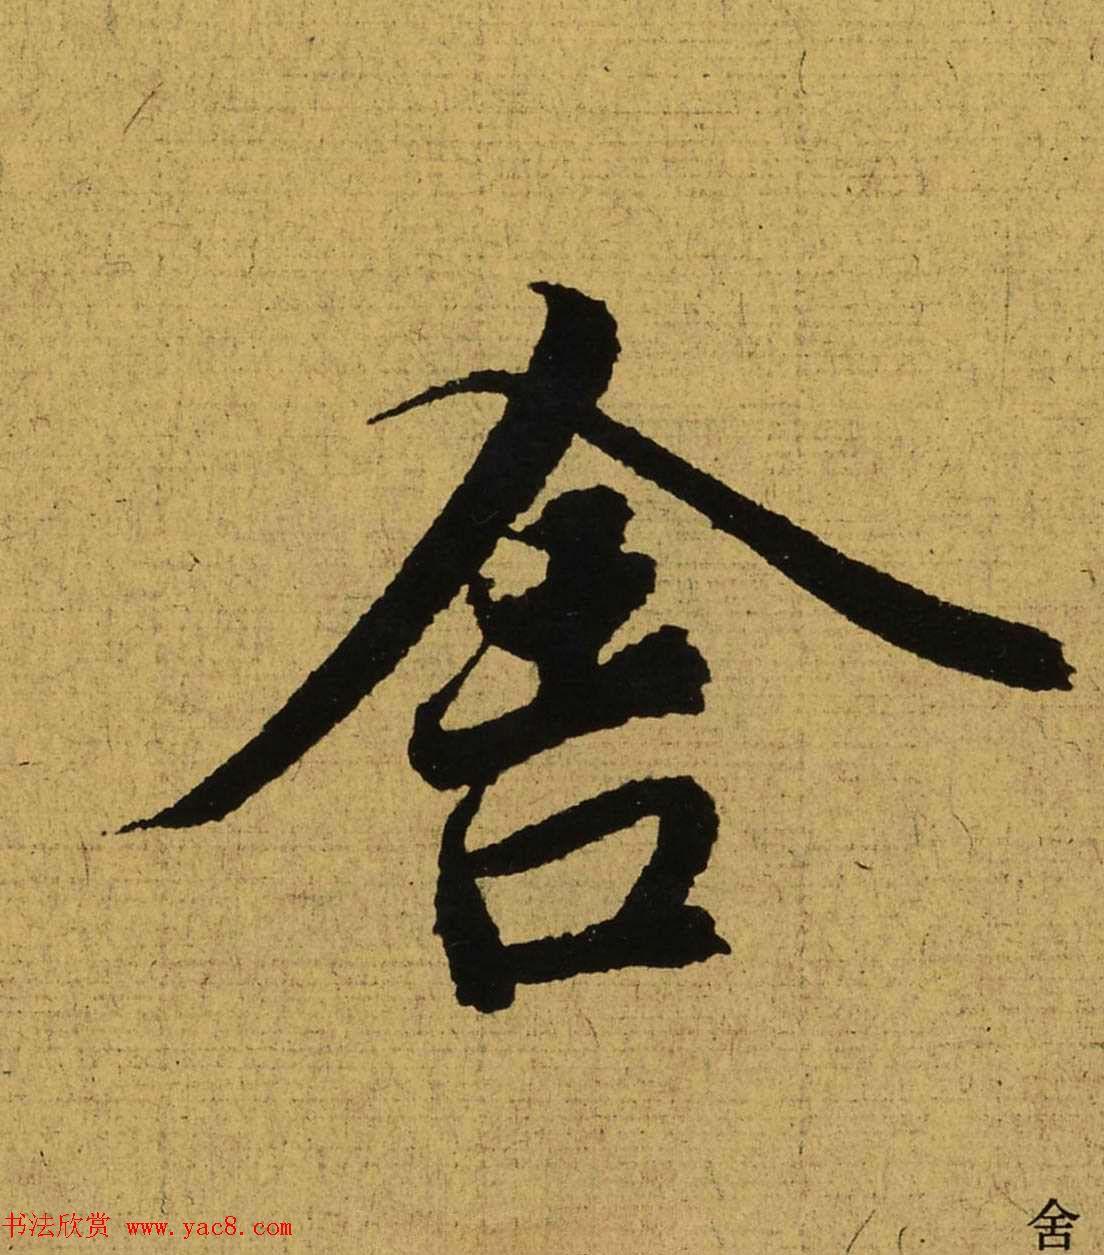 王羲之兰亭集序全文单字高清放大字帖 第33页 行书字帖 书法欣赏